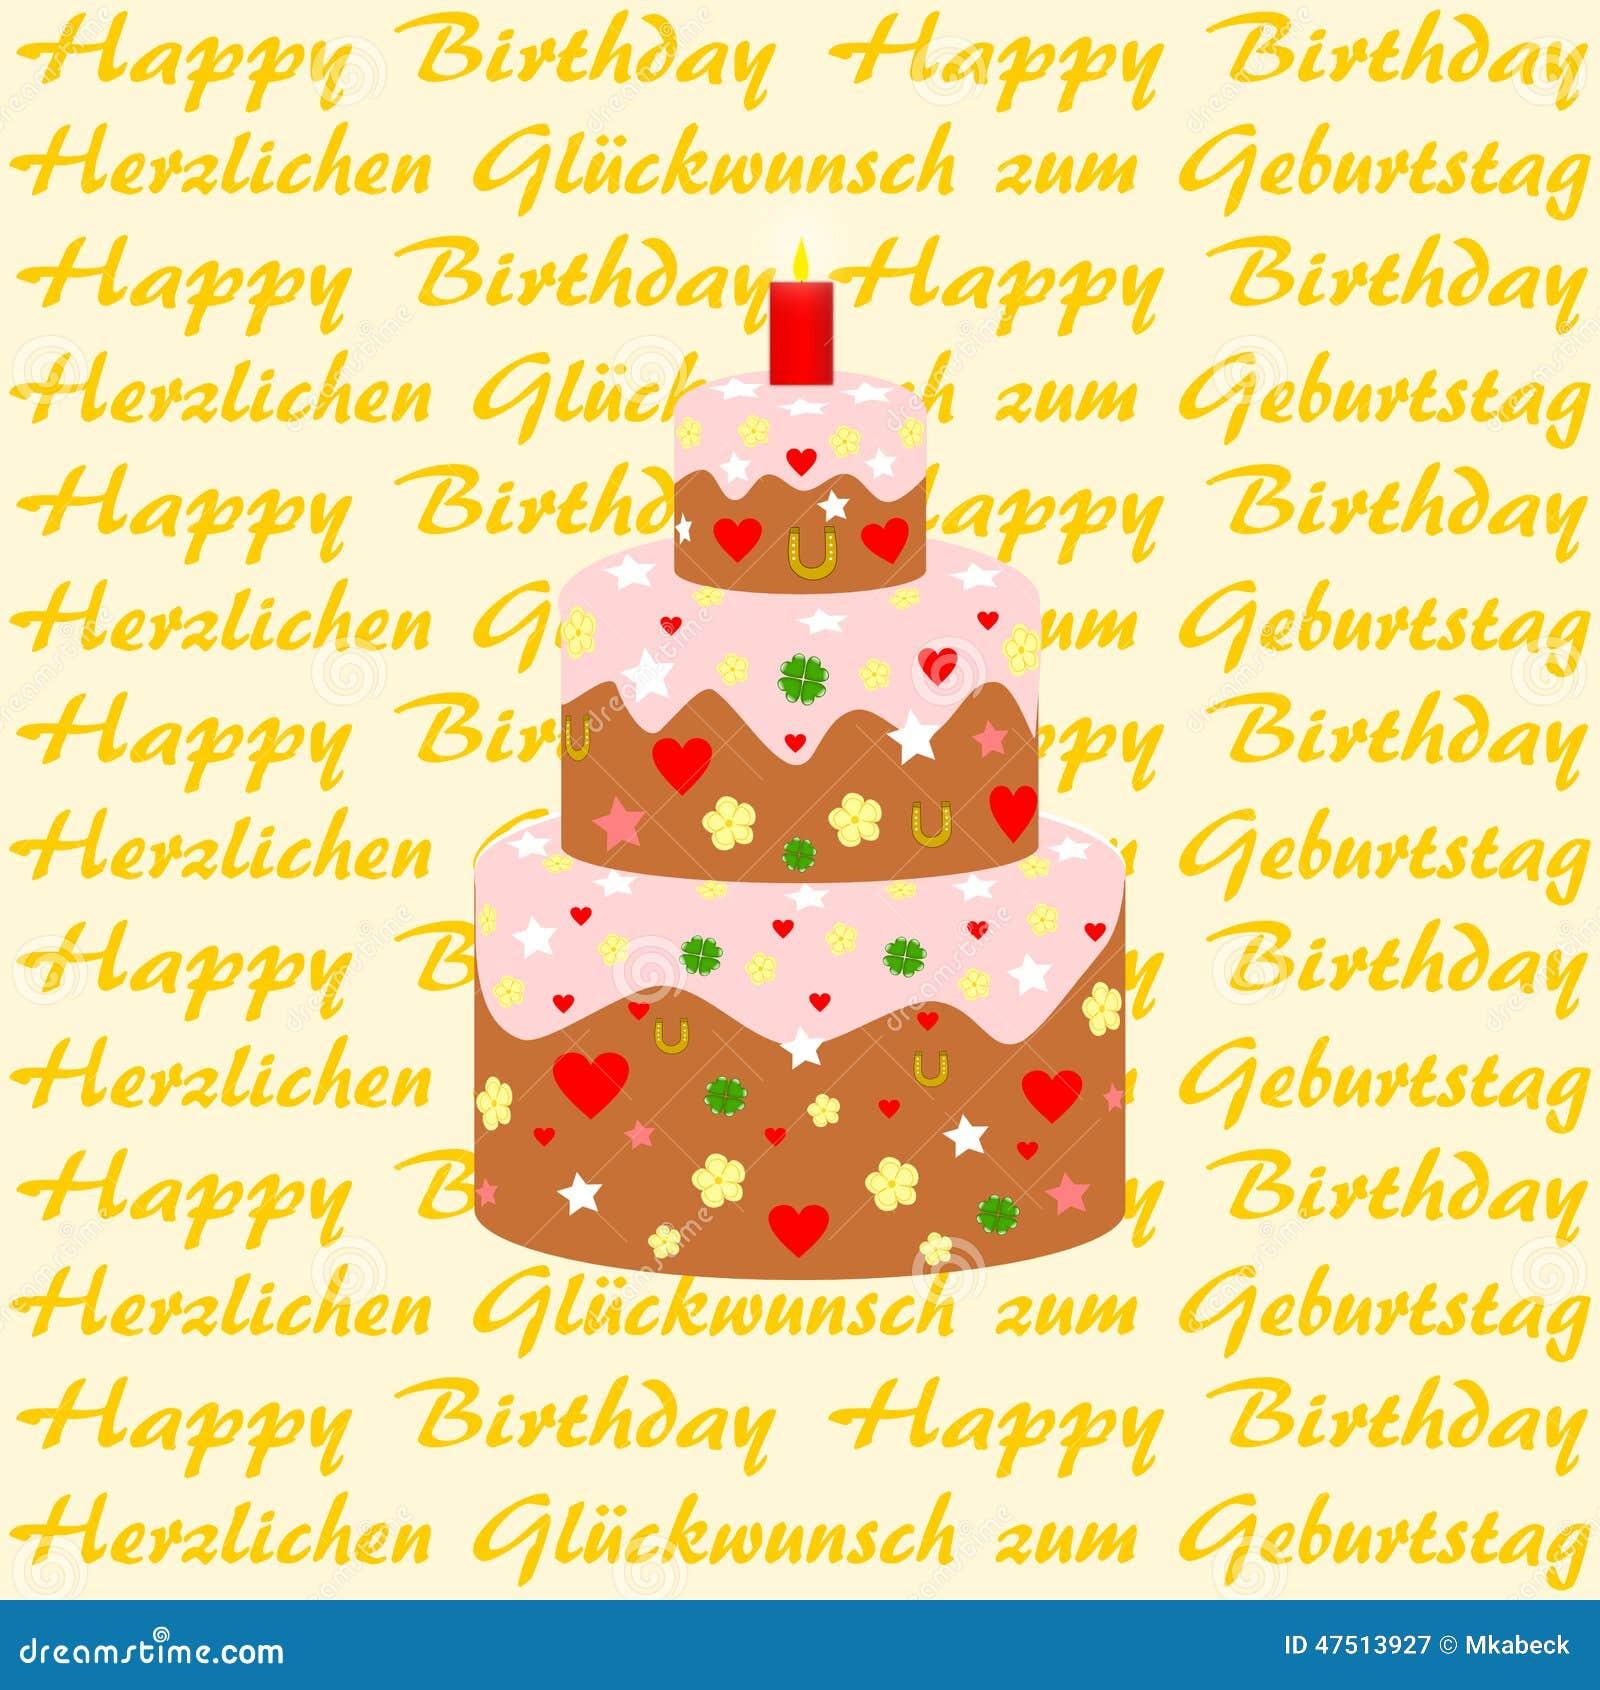 Auguri Matrimonio In Tedesco : Tanti auguri in tedesco buon compleanno